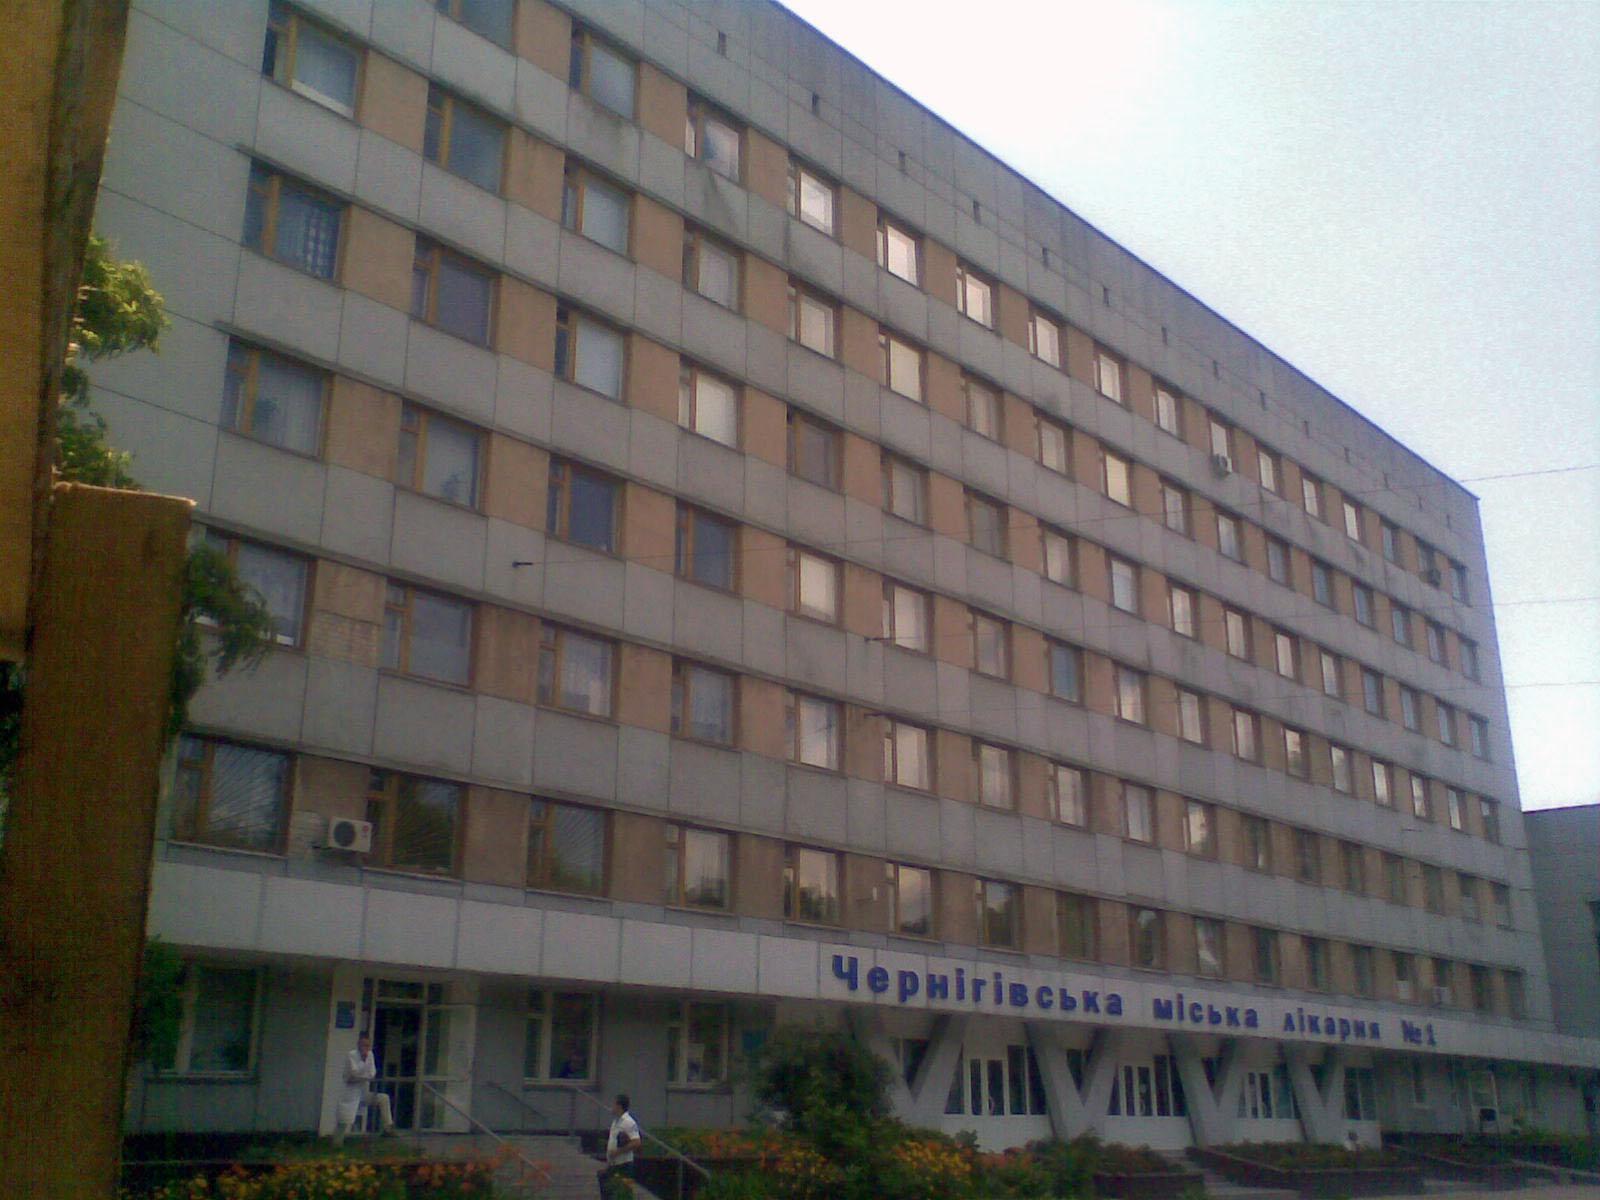 Больница скорой медицинской помощи новотроицк официальный сайт новотроицк